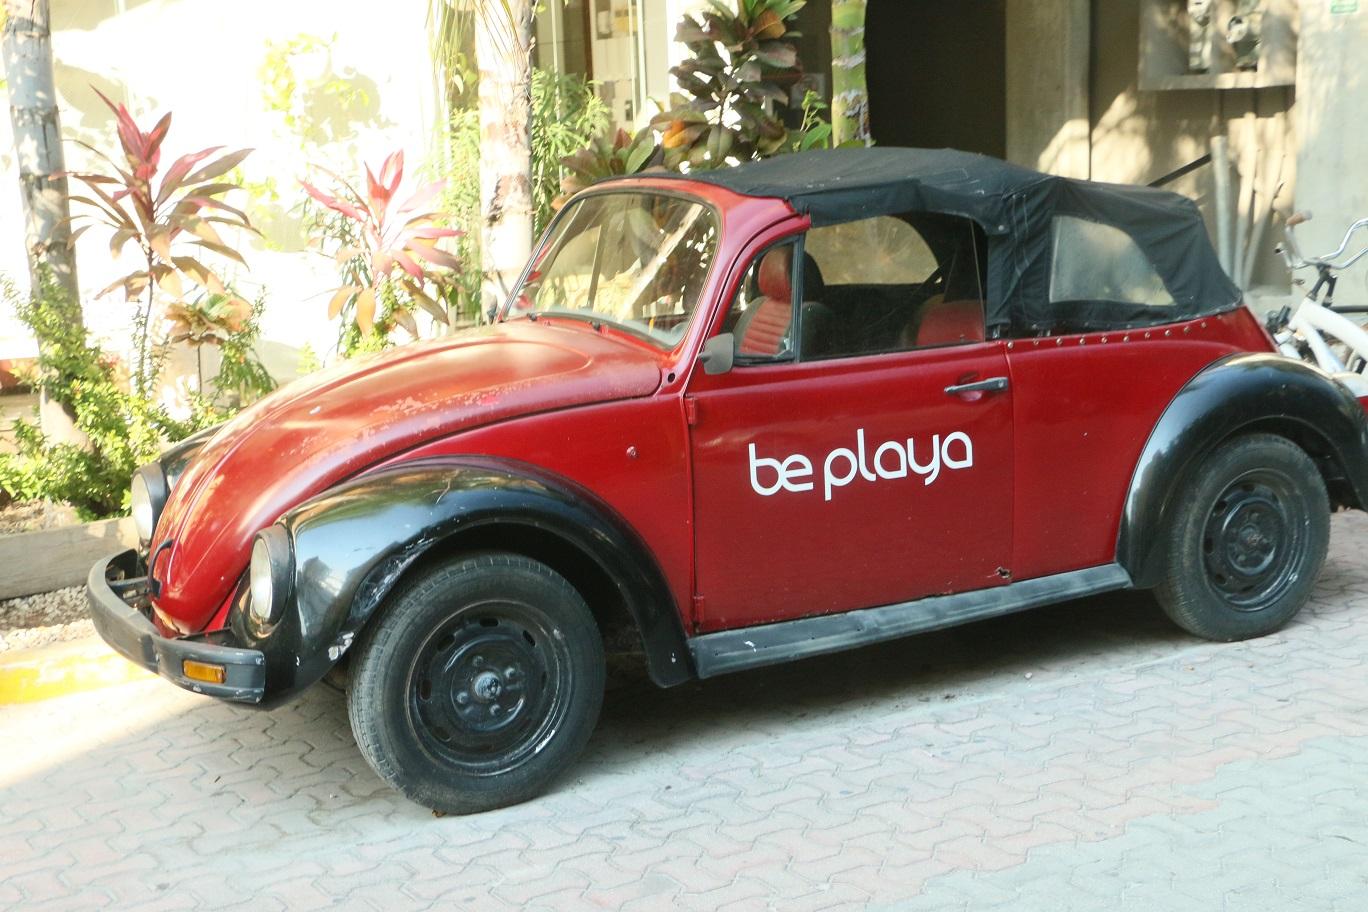 Egy időben a mexikói autók 80%-a bogárhátú volt, egyszerűen mert ez volt az egyetlen személyautógyár az országban